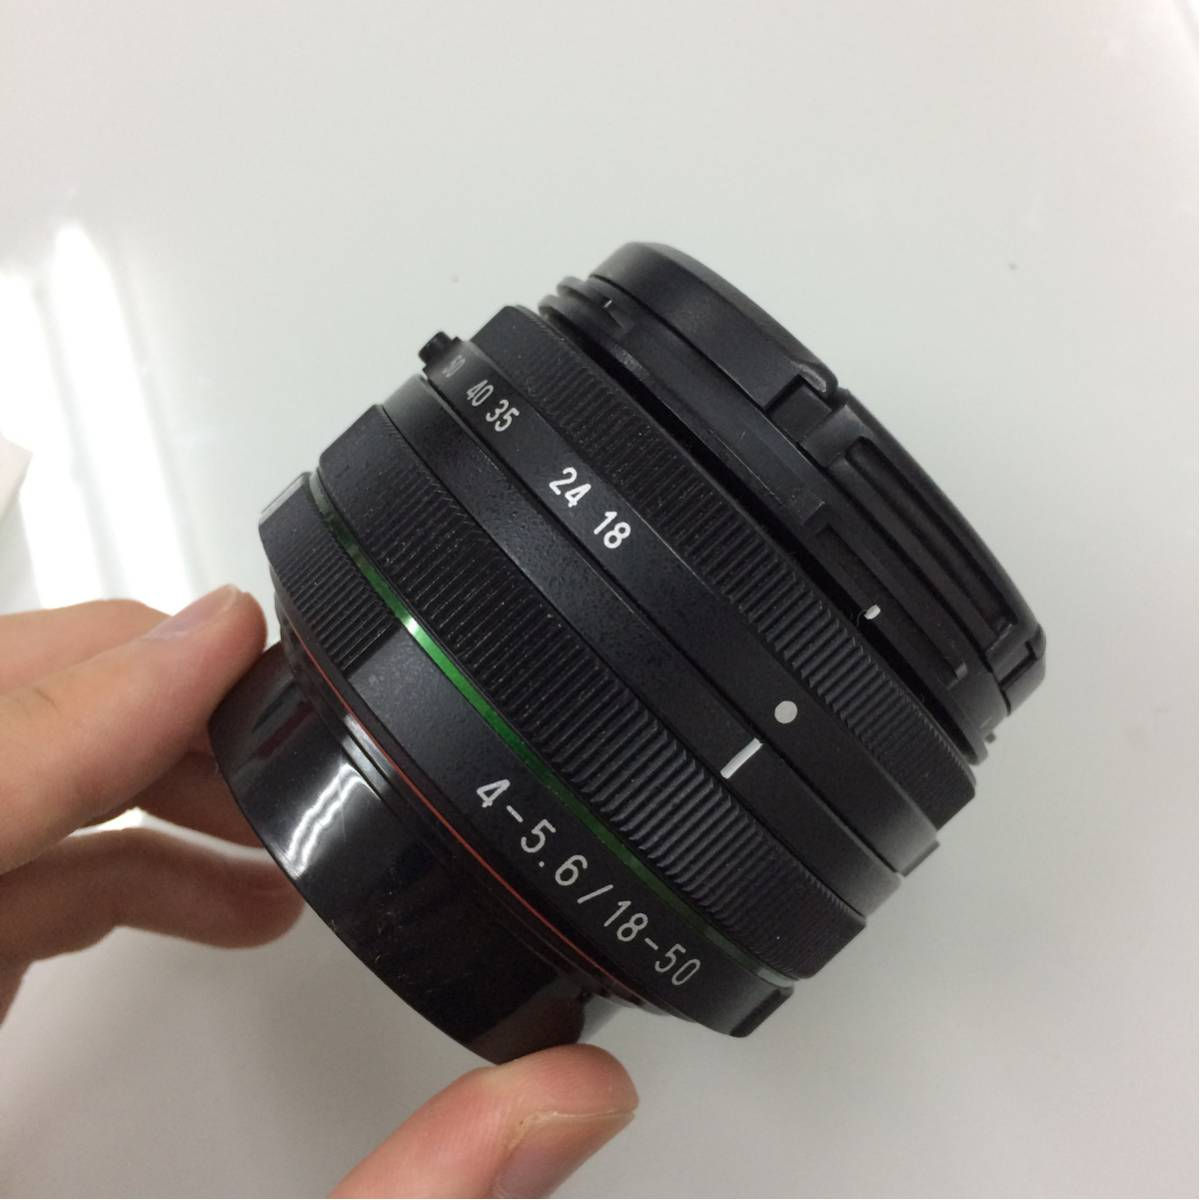 smc PENTAX - DAL 18-50mm f4-5.6 DC WR RE